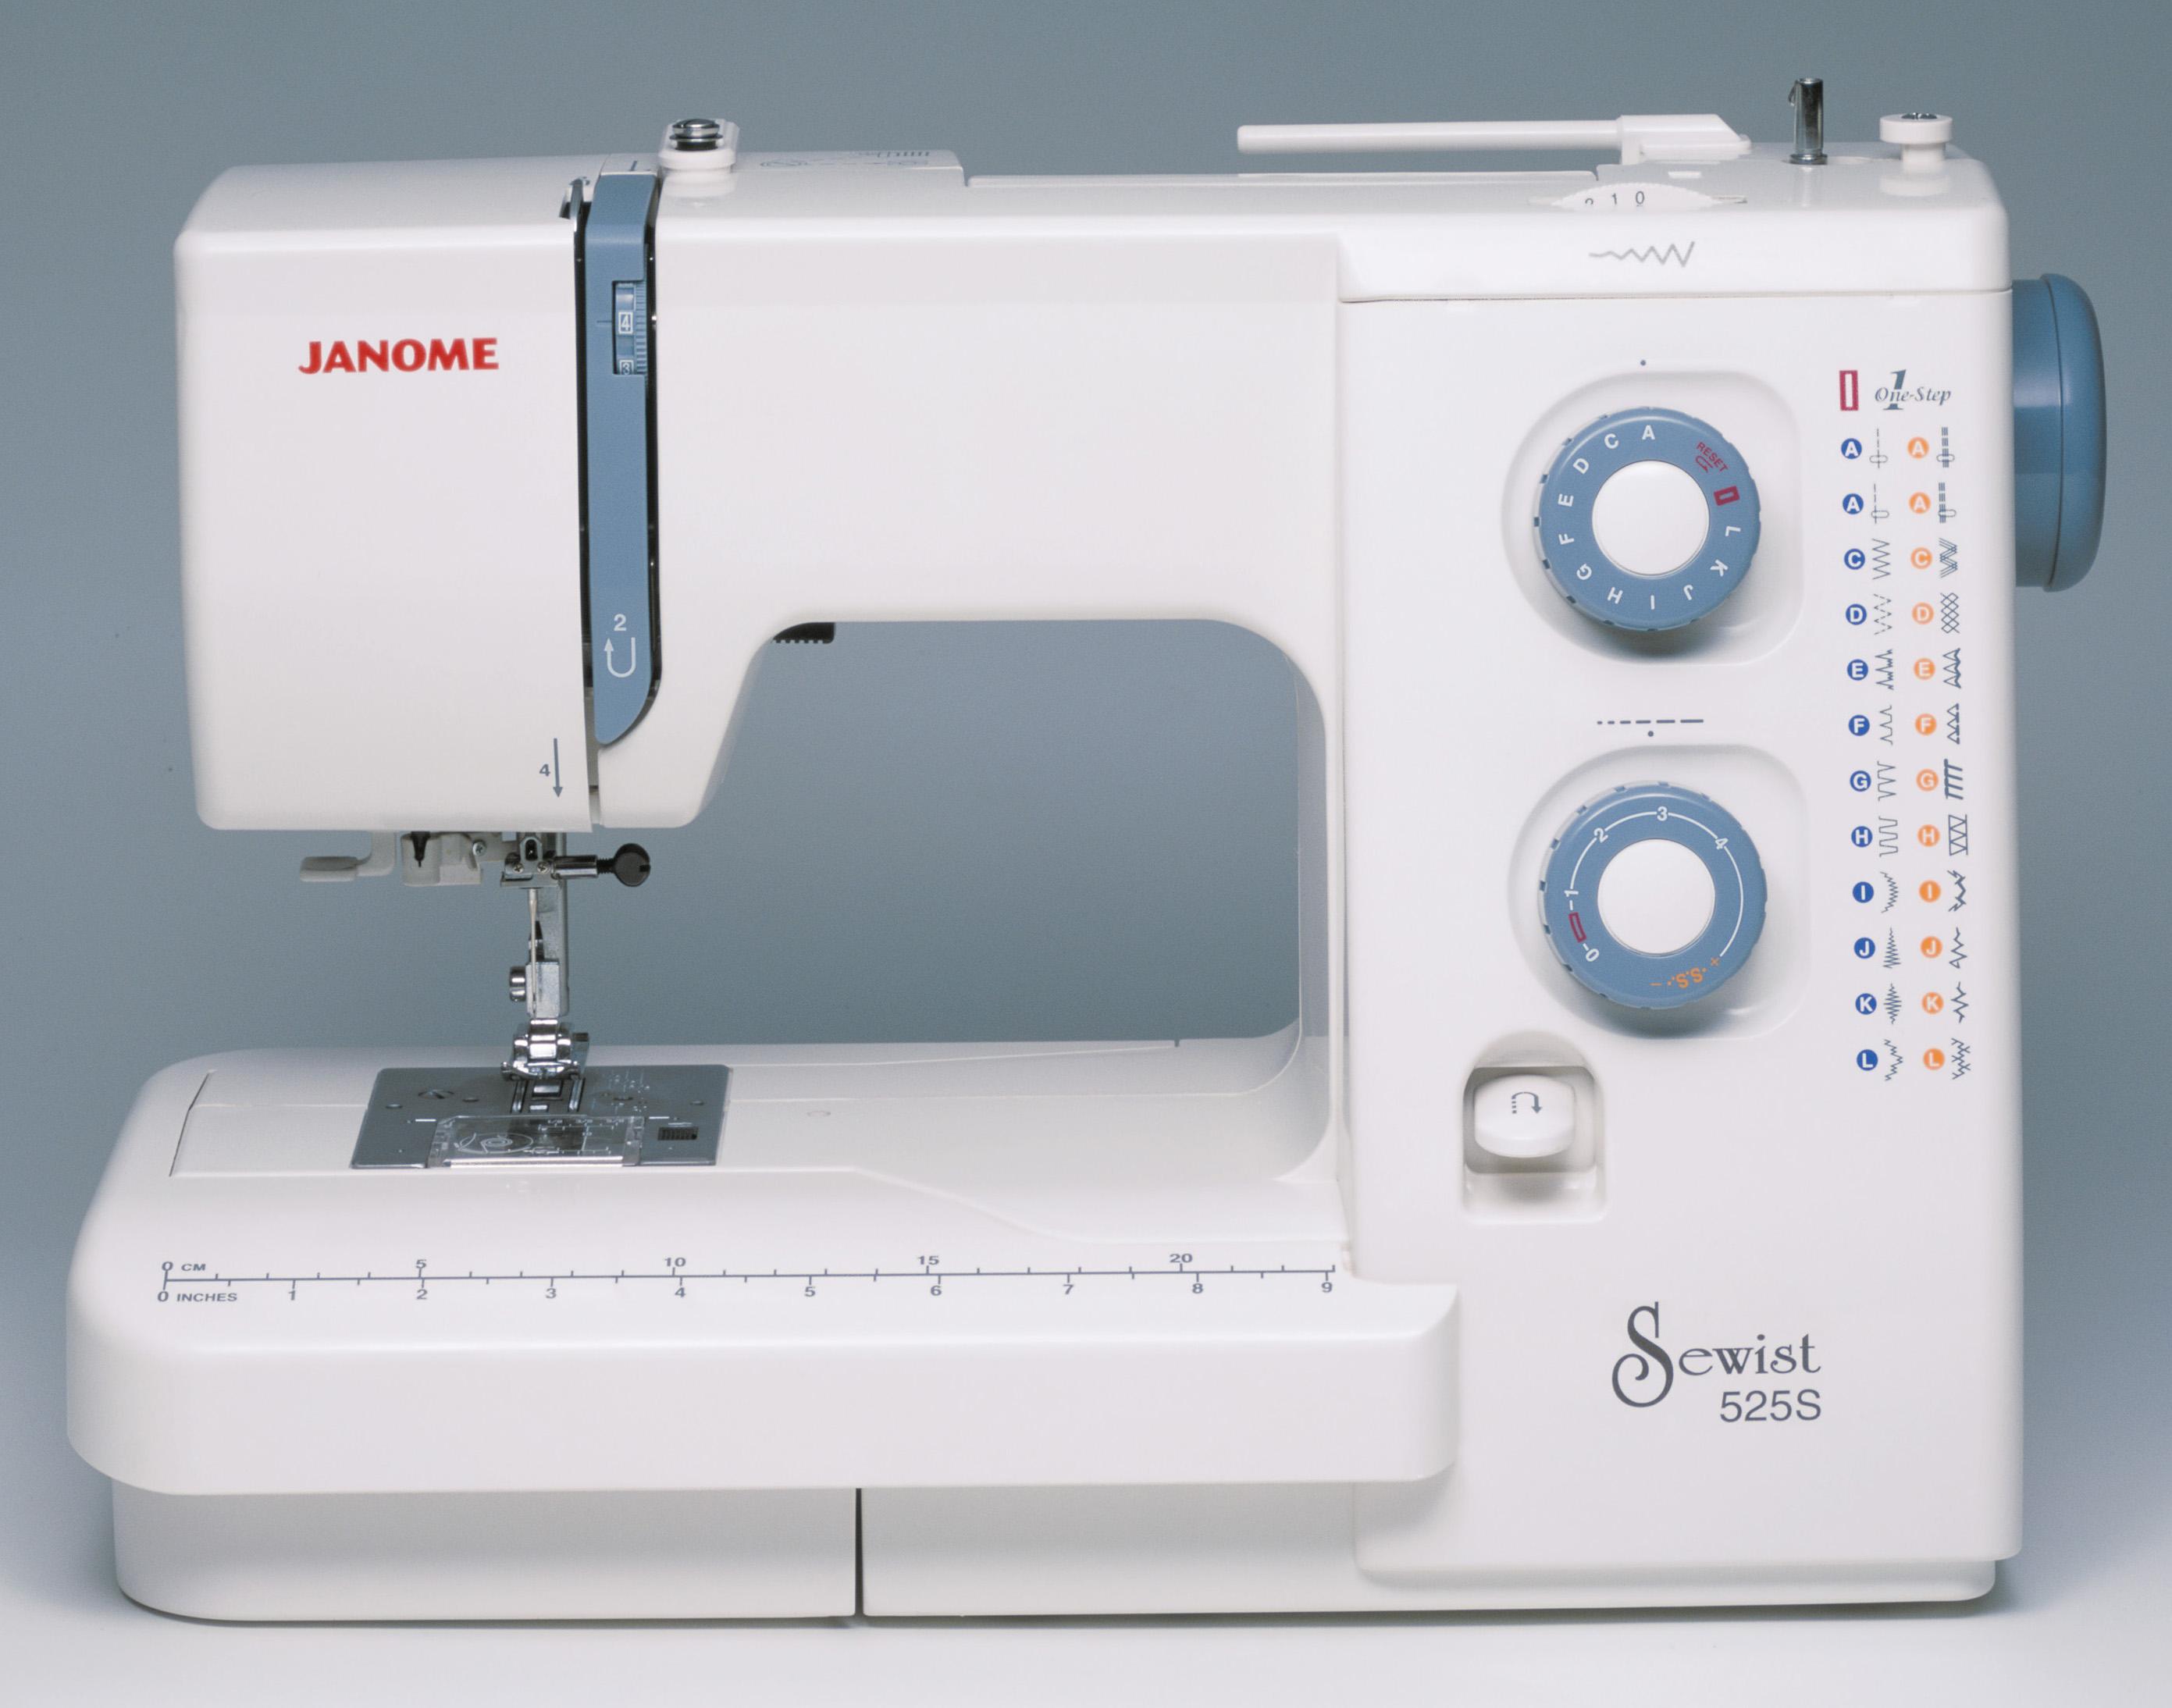 מכונת תפירה ינומה-יפן אוטומטית דגם 525 שנת 2021